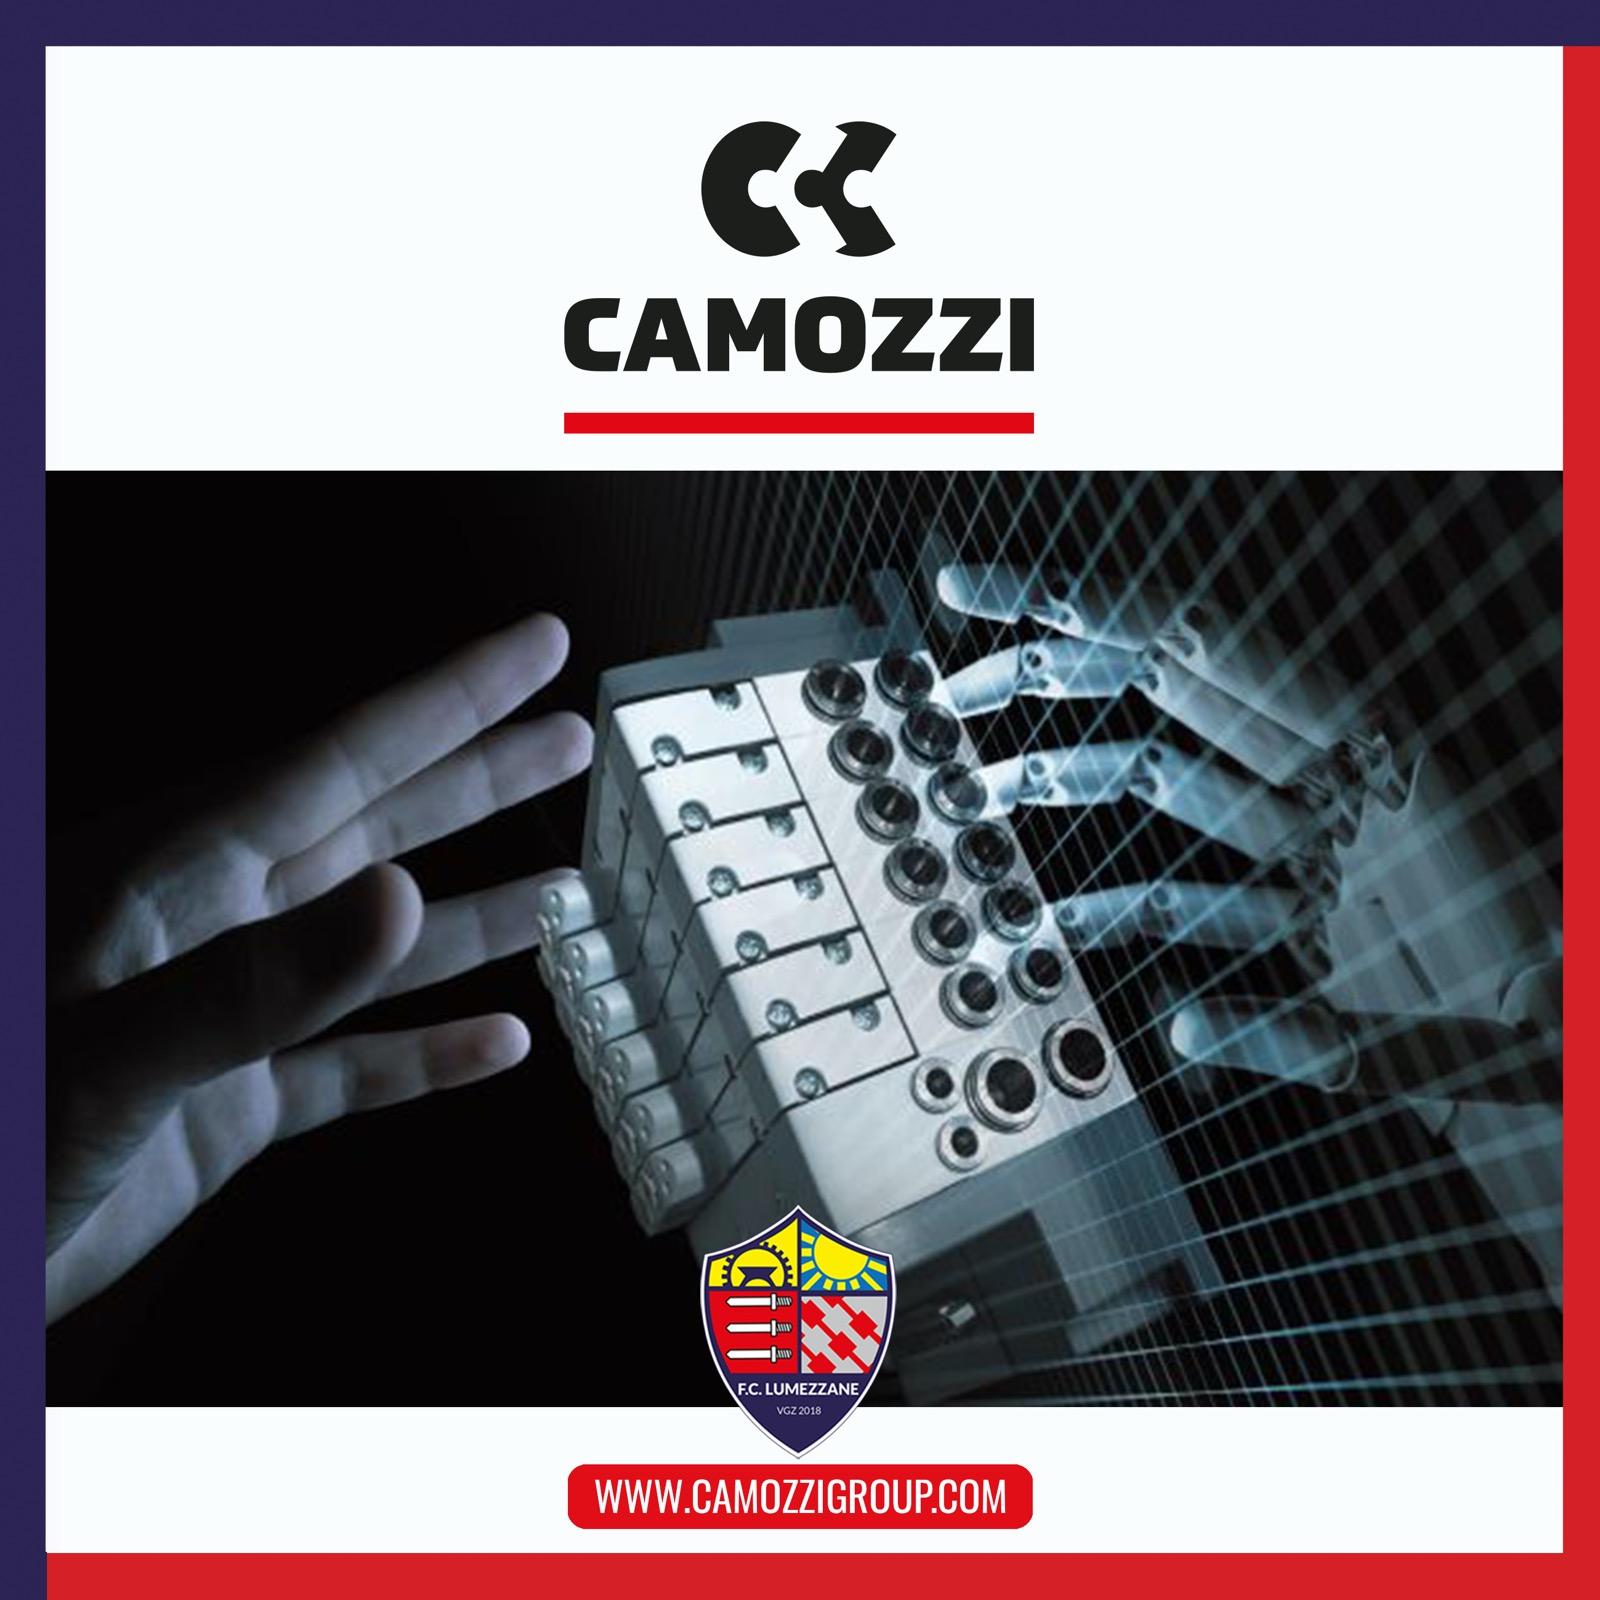 Camozzi Group